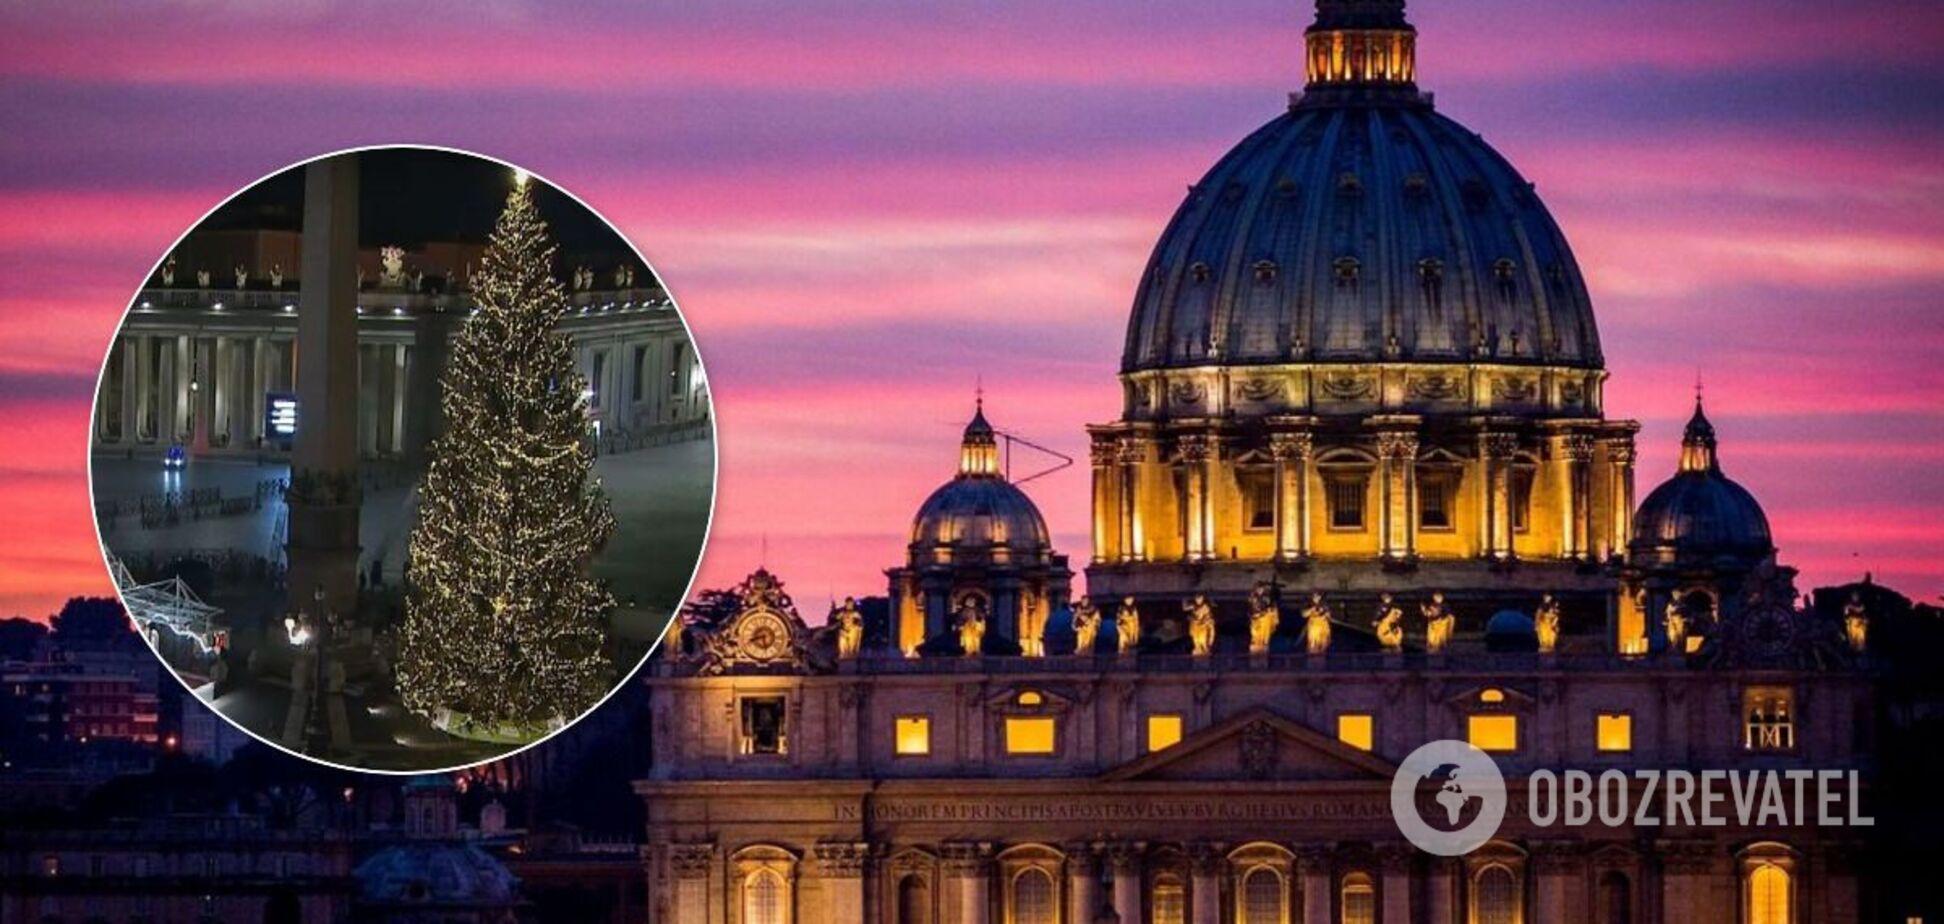 В Ватикане зажгли главную рождественскую елку. Фото и видео